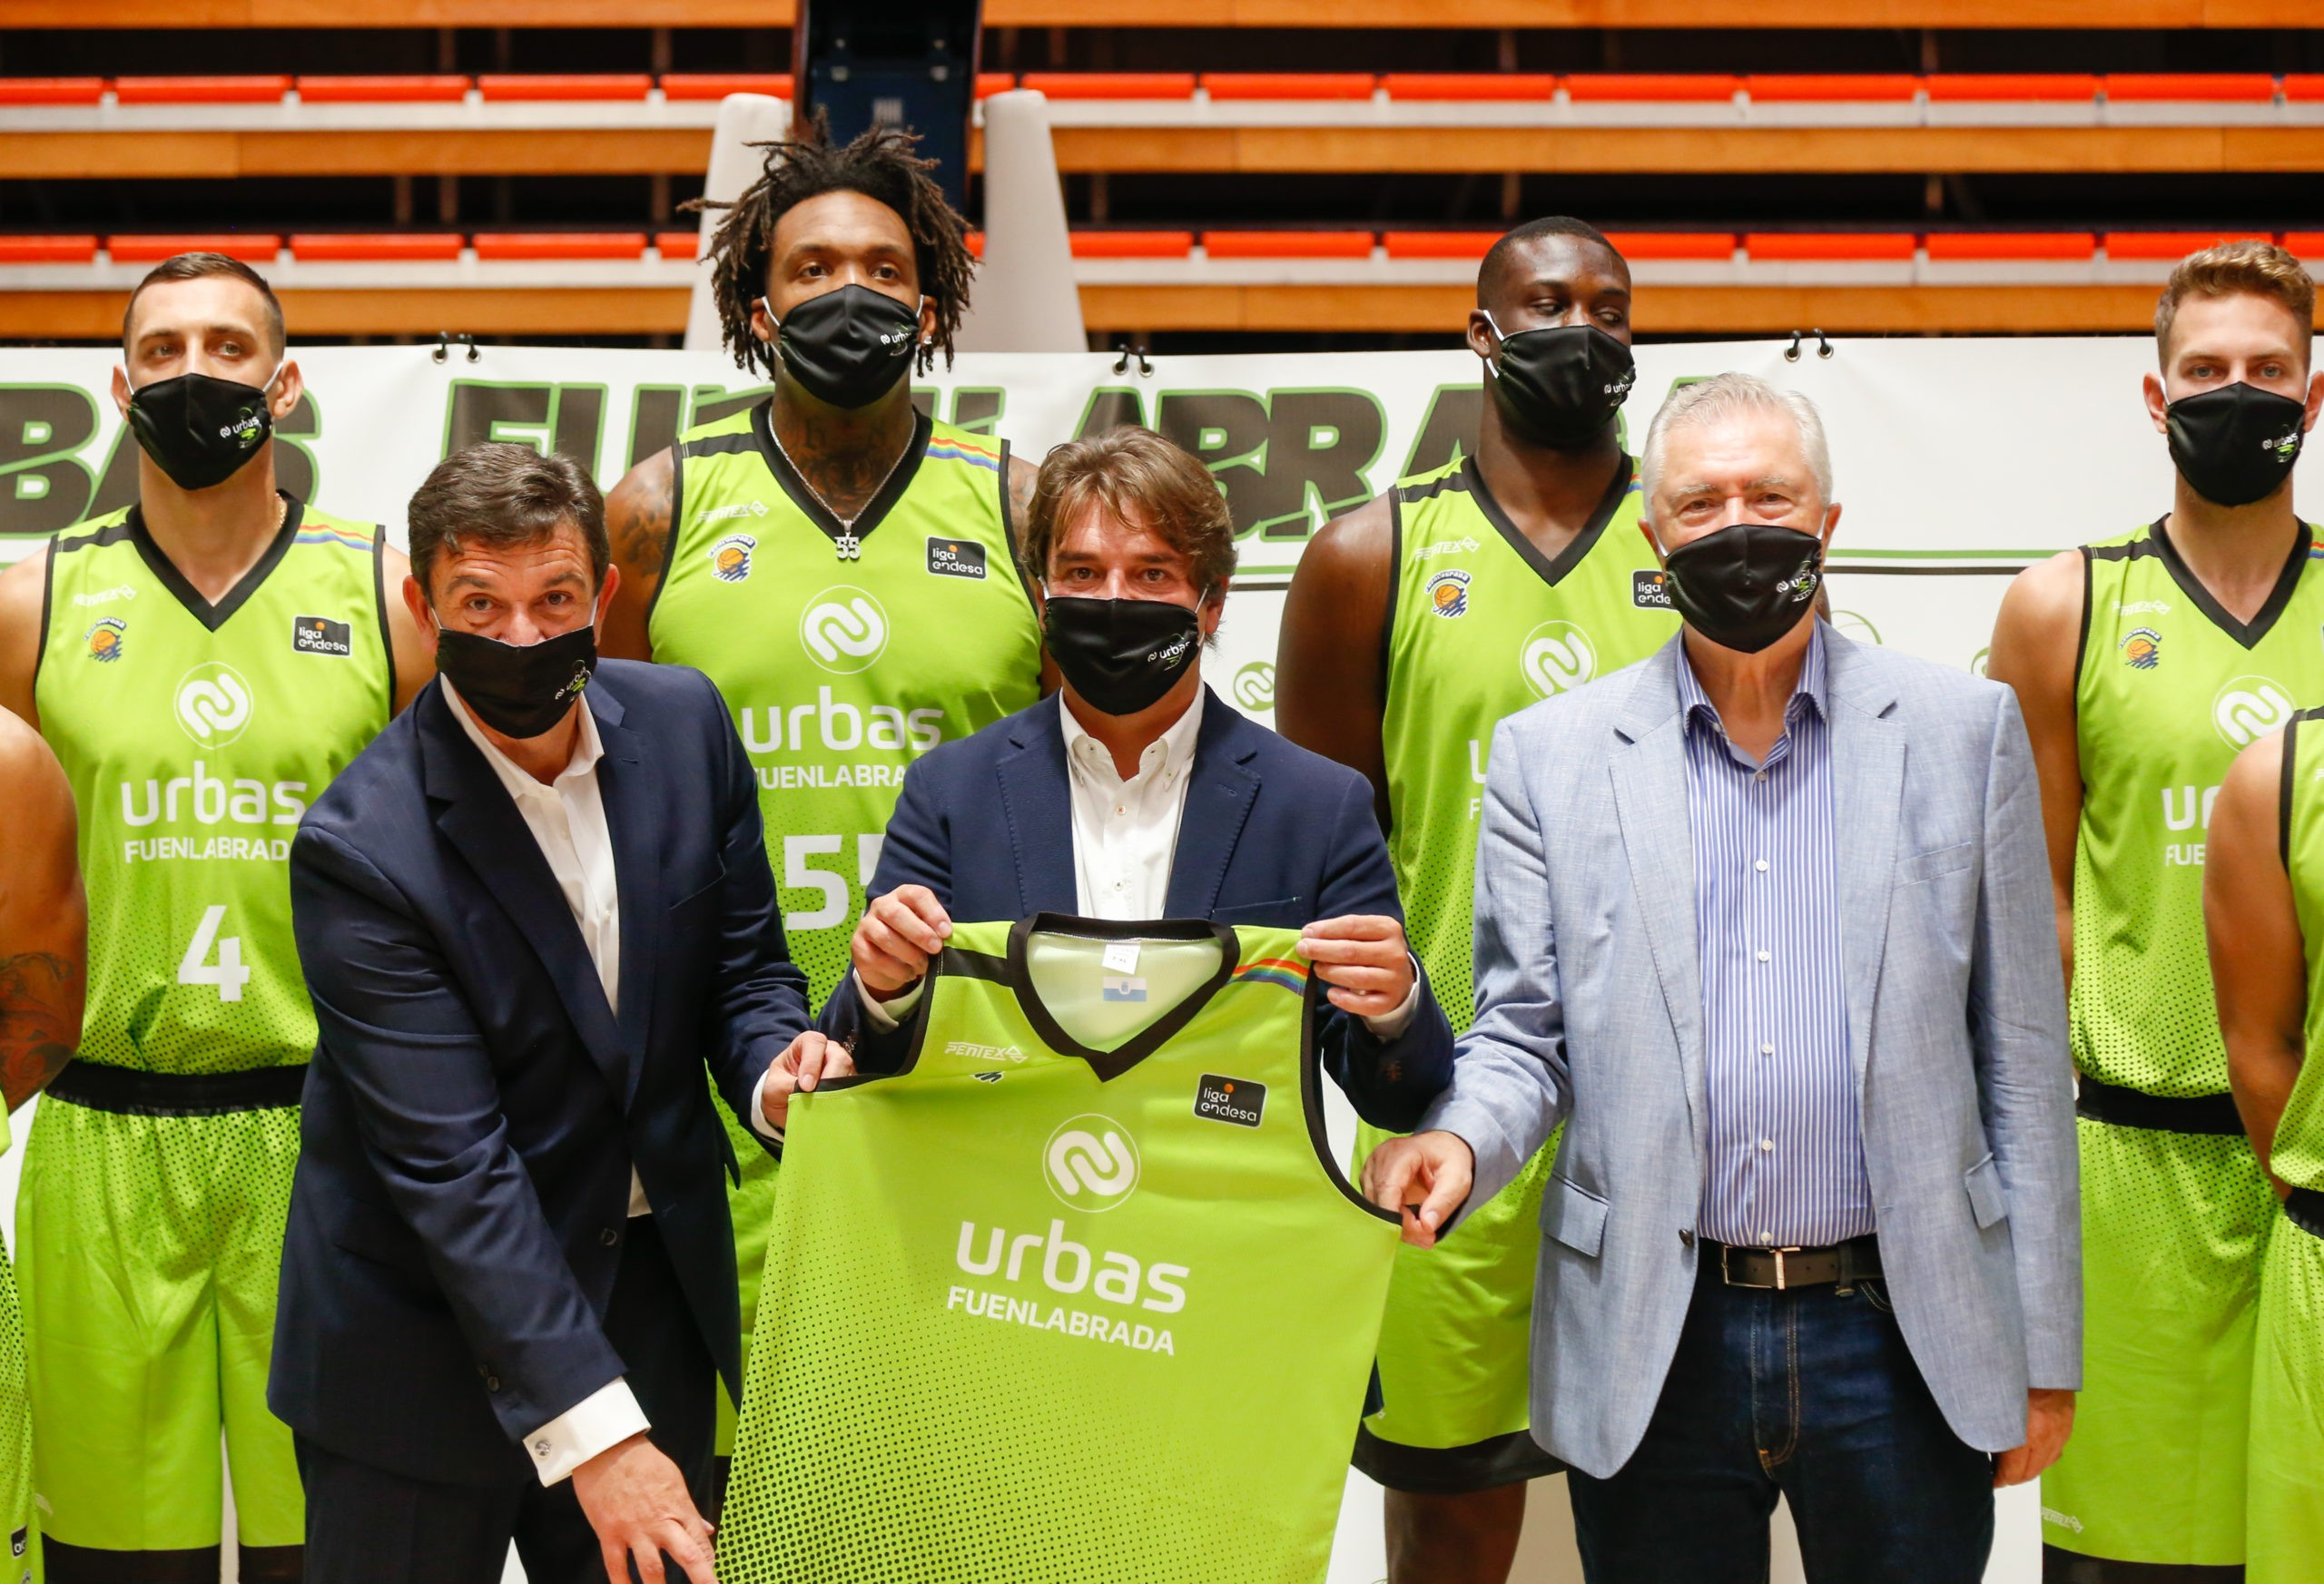 Los presidentes de Urbas y Basket Fuenlabrada presentan la nueva equipación